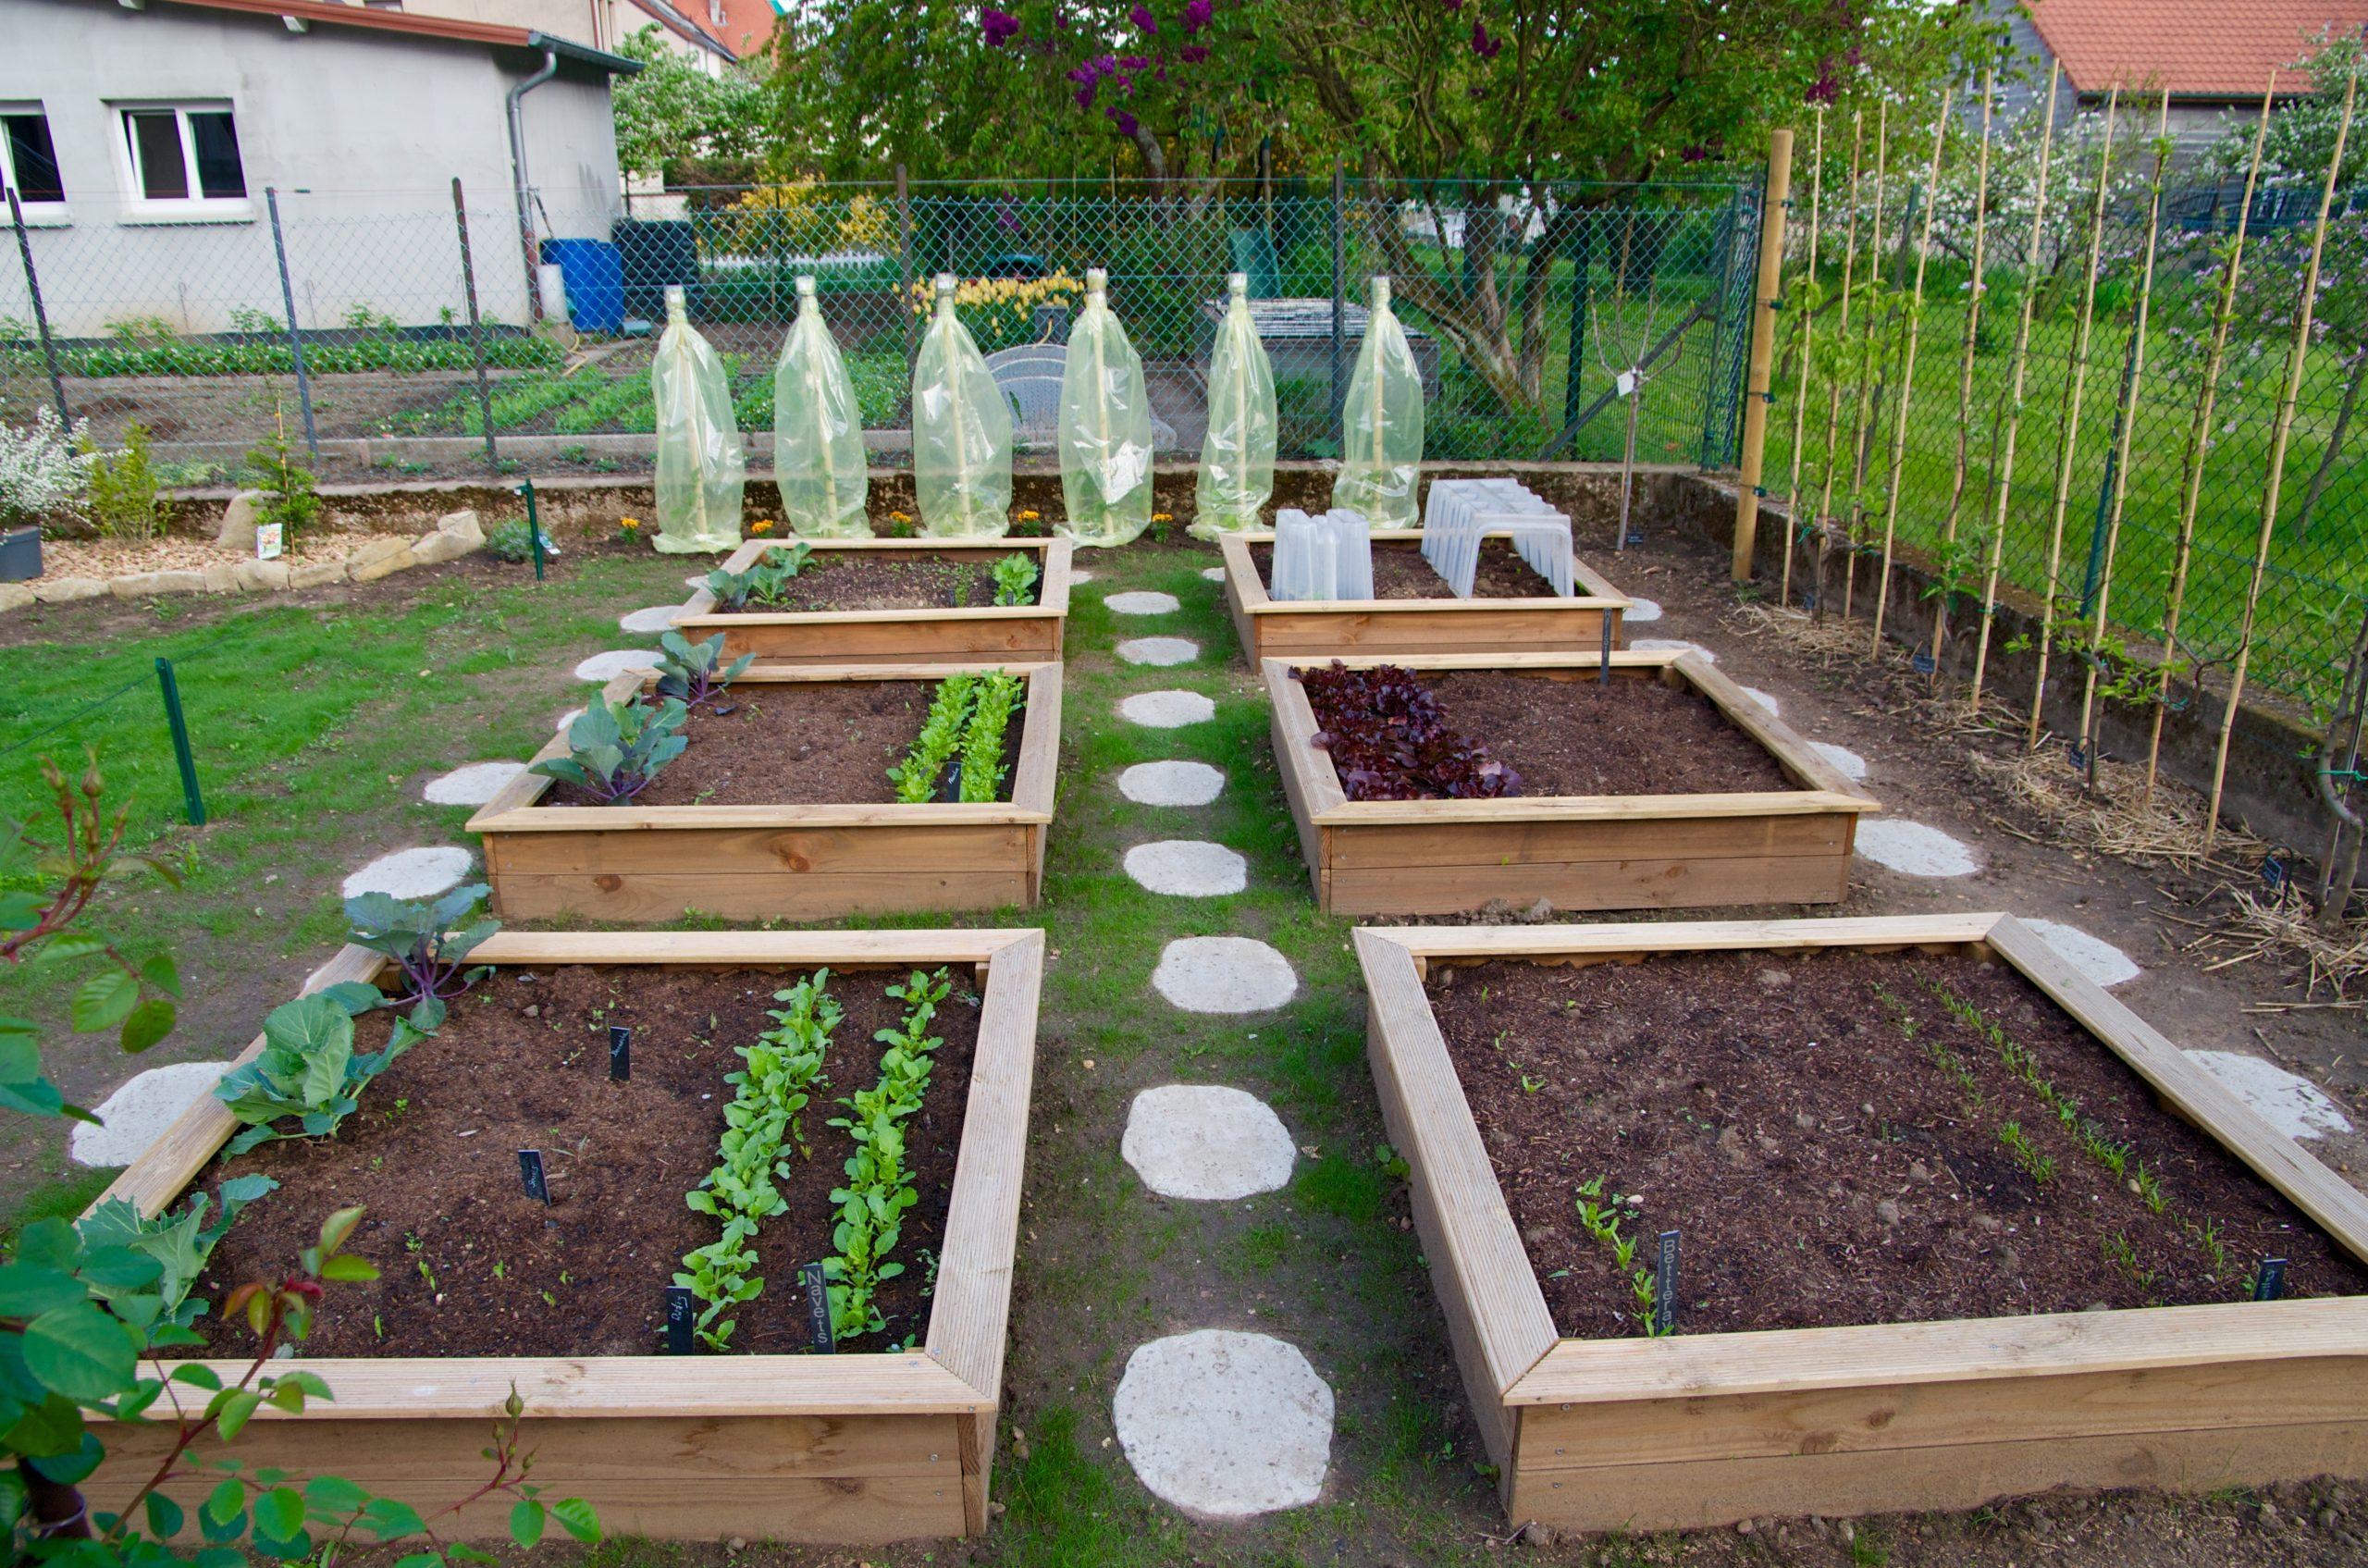 Le Top 5 Des Fruits Et Légumes À Cultiver Dans Son Jardin ... intérieur Acheter Un Jardin Potager